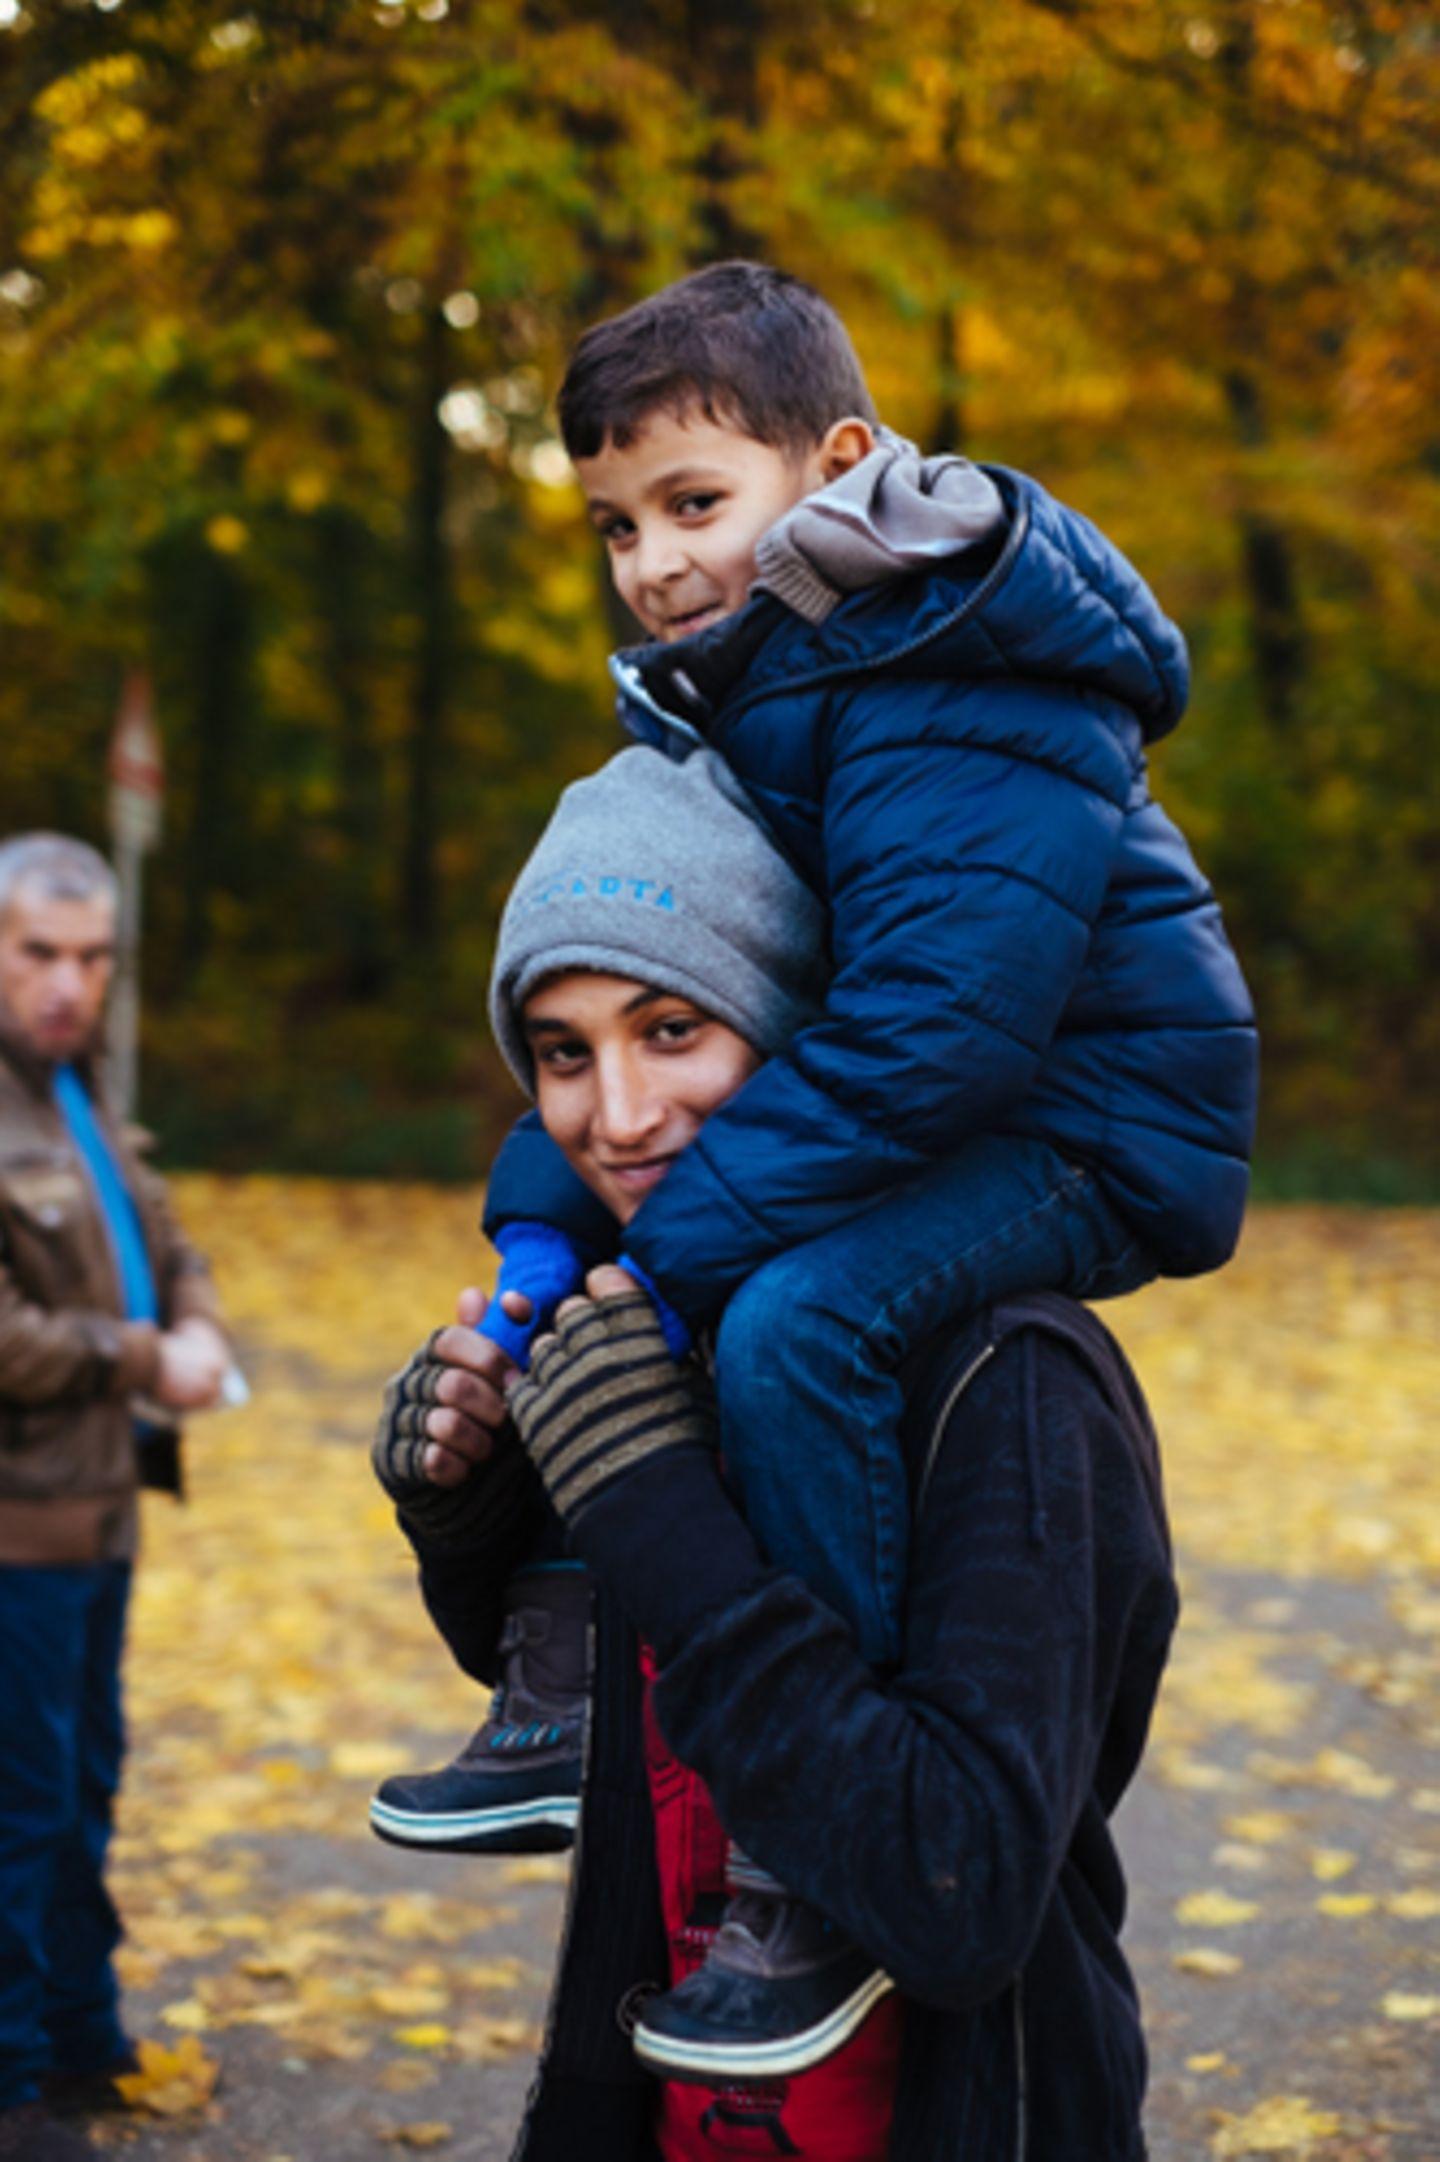 Flüchtlinge: Fotogalerie: Ein neuer Anfang - Bild 4